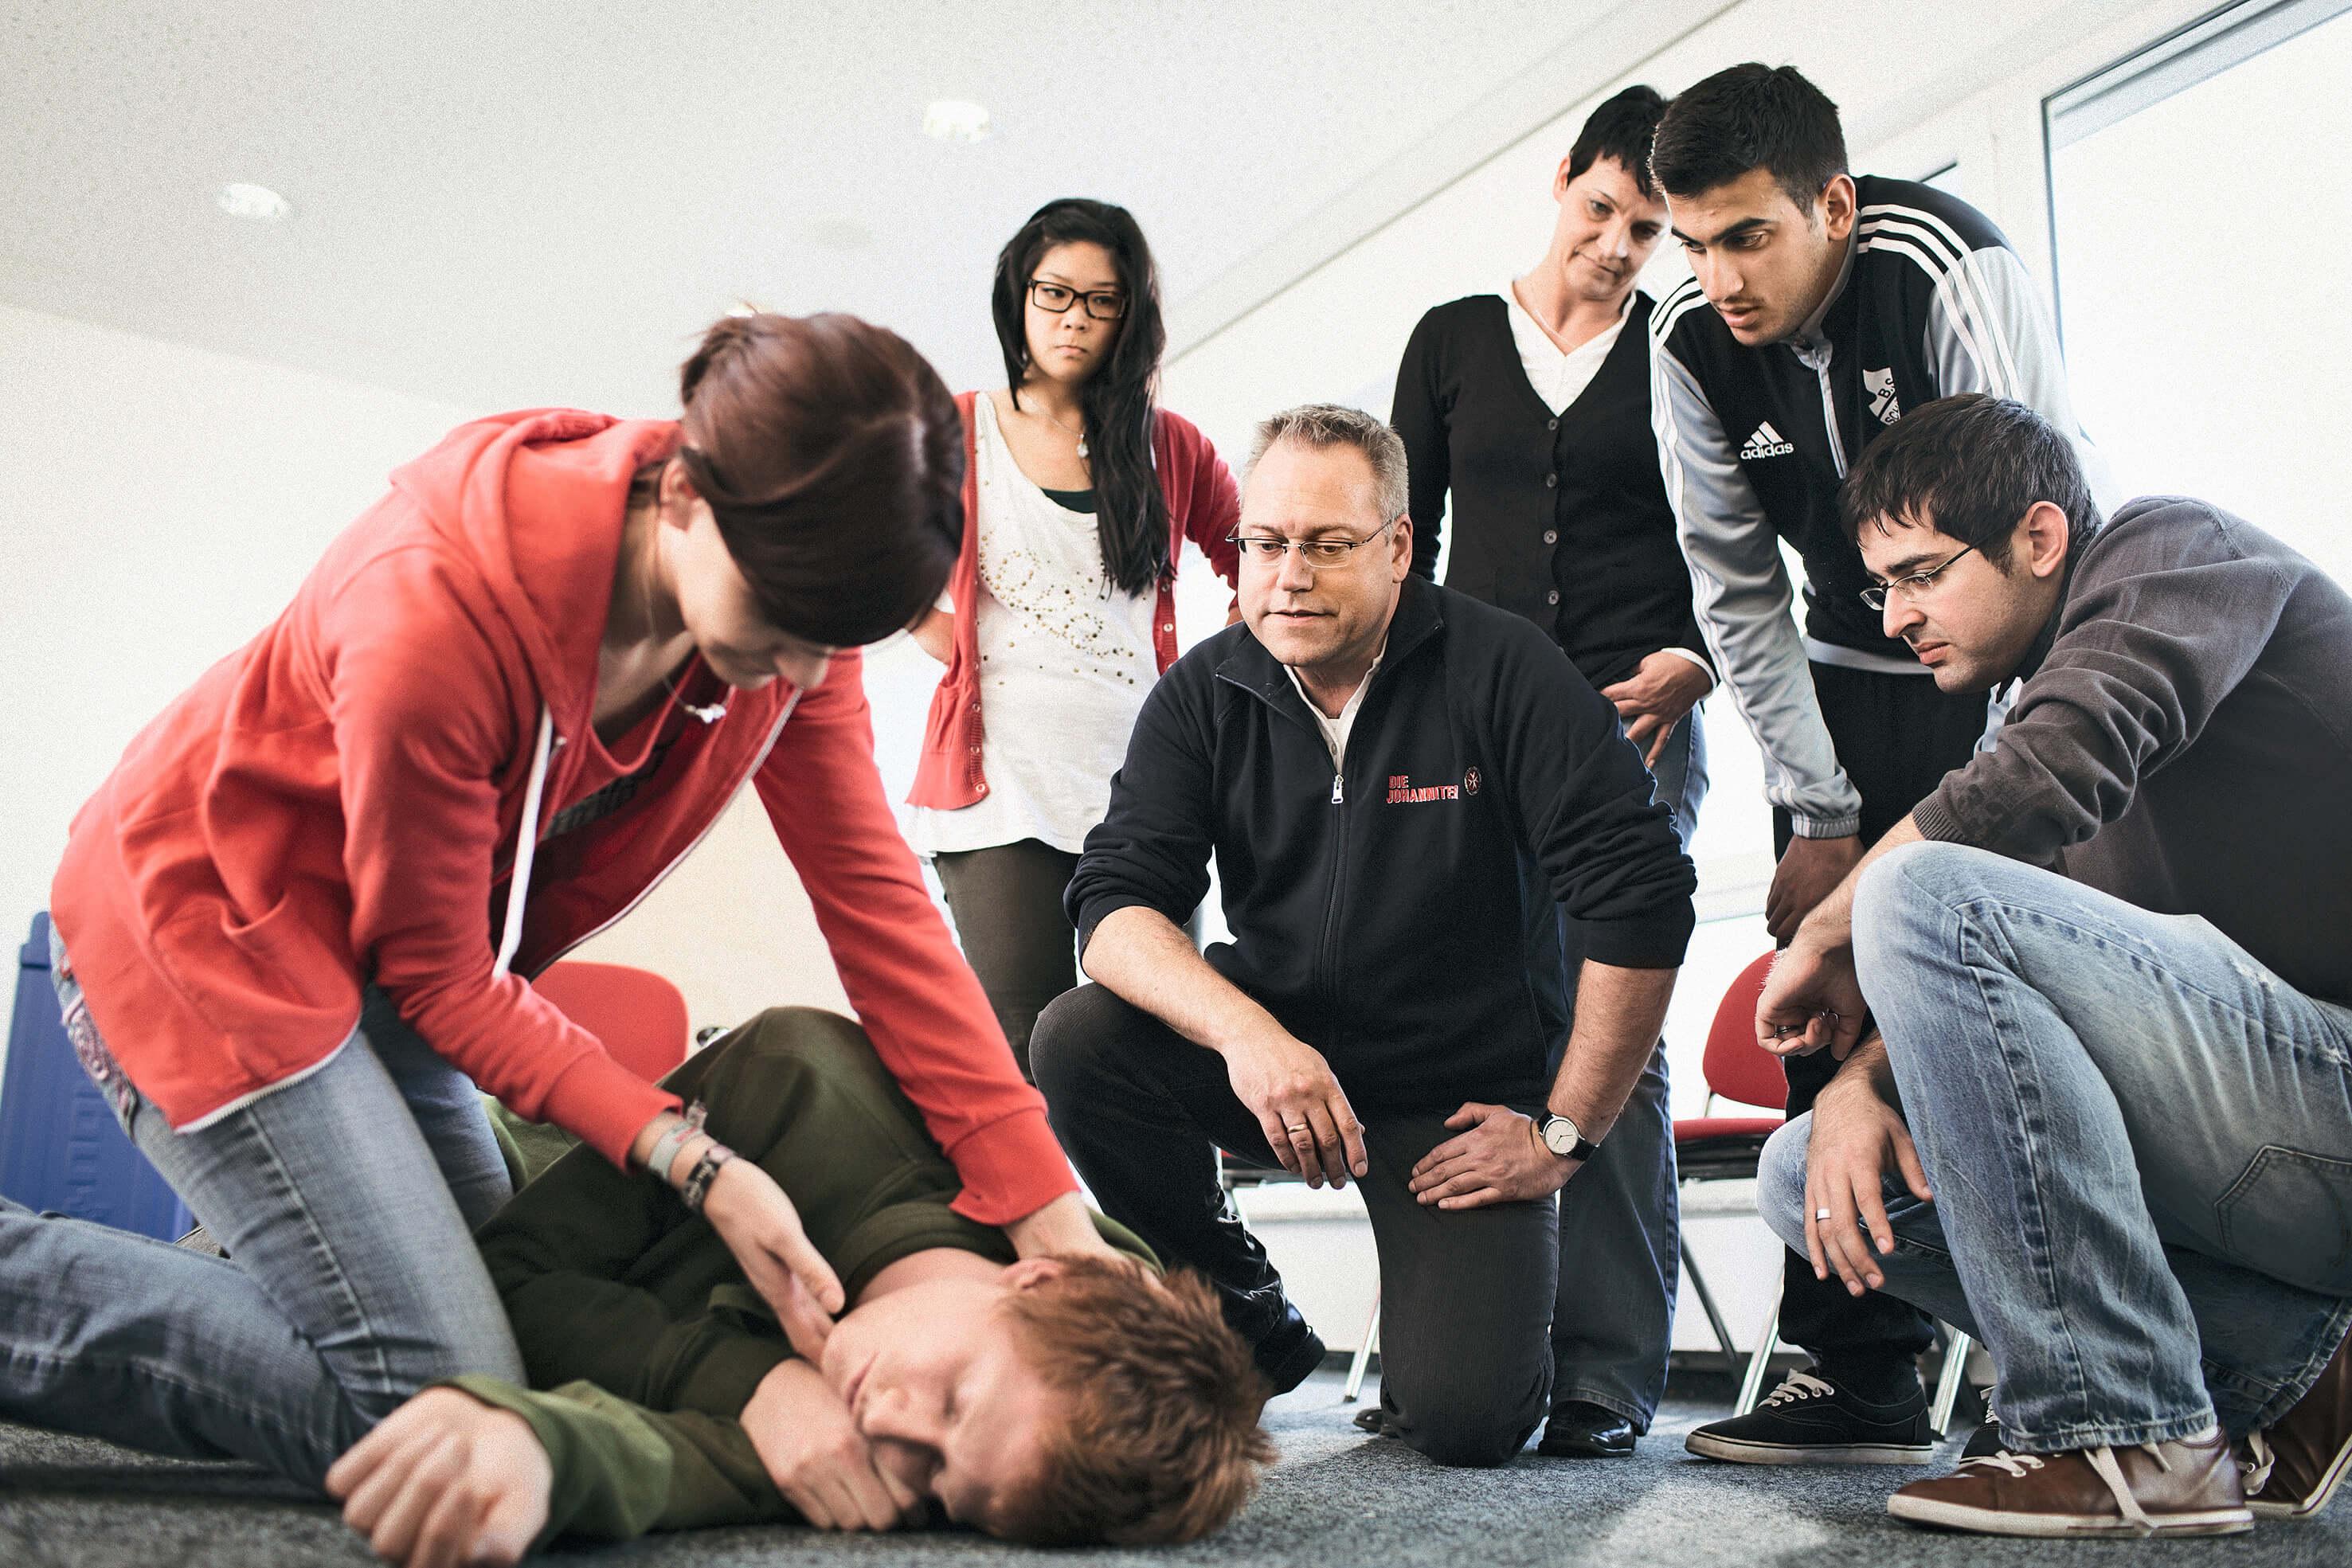 In unseren Erste-Hilfe-Kursen bilden wir deutschlandweit Menschen aus, im Notfall Hilfe zu leisten.